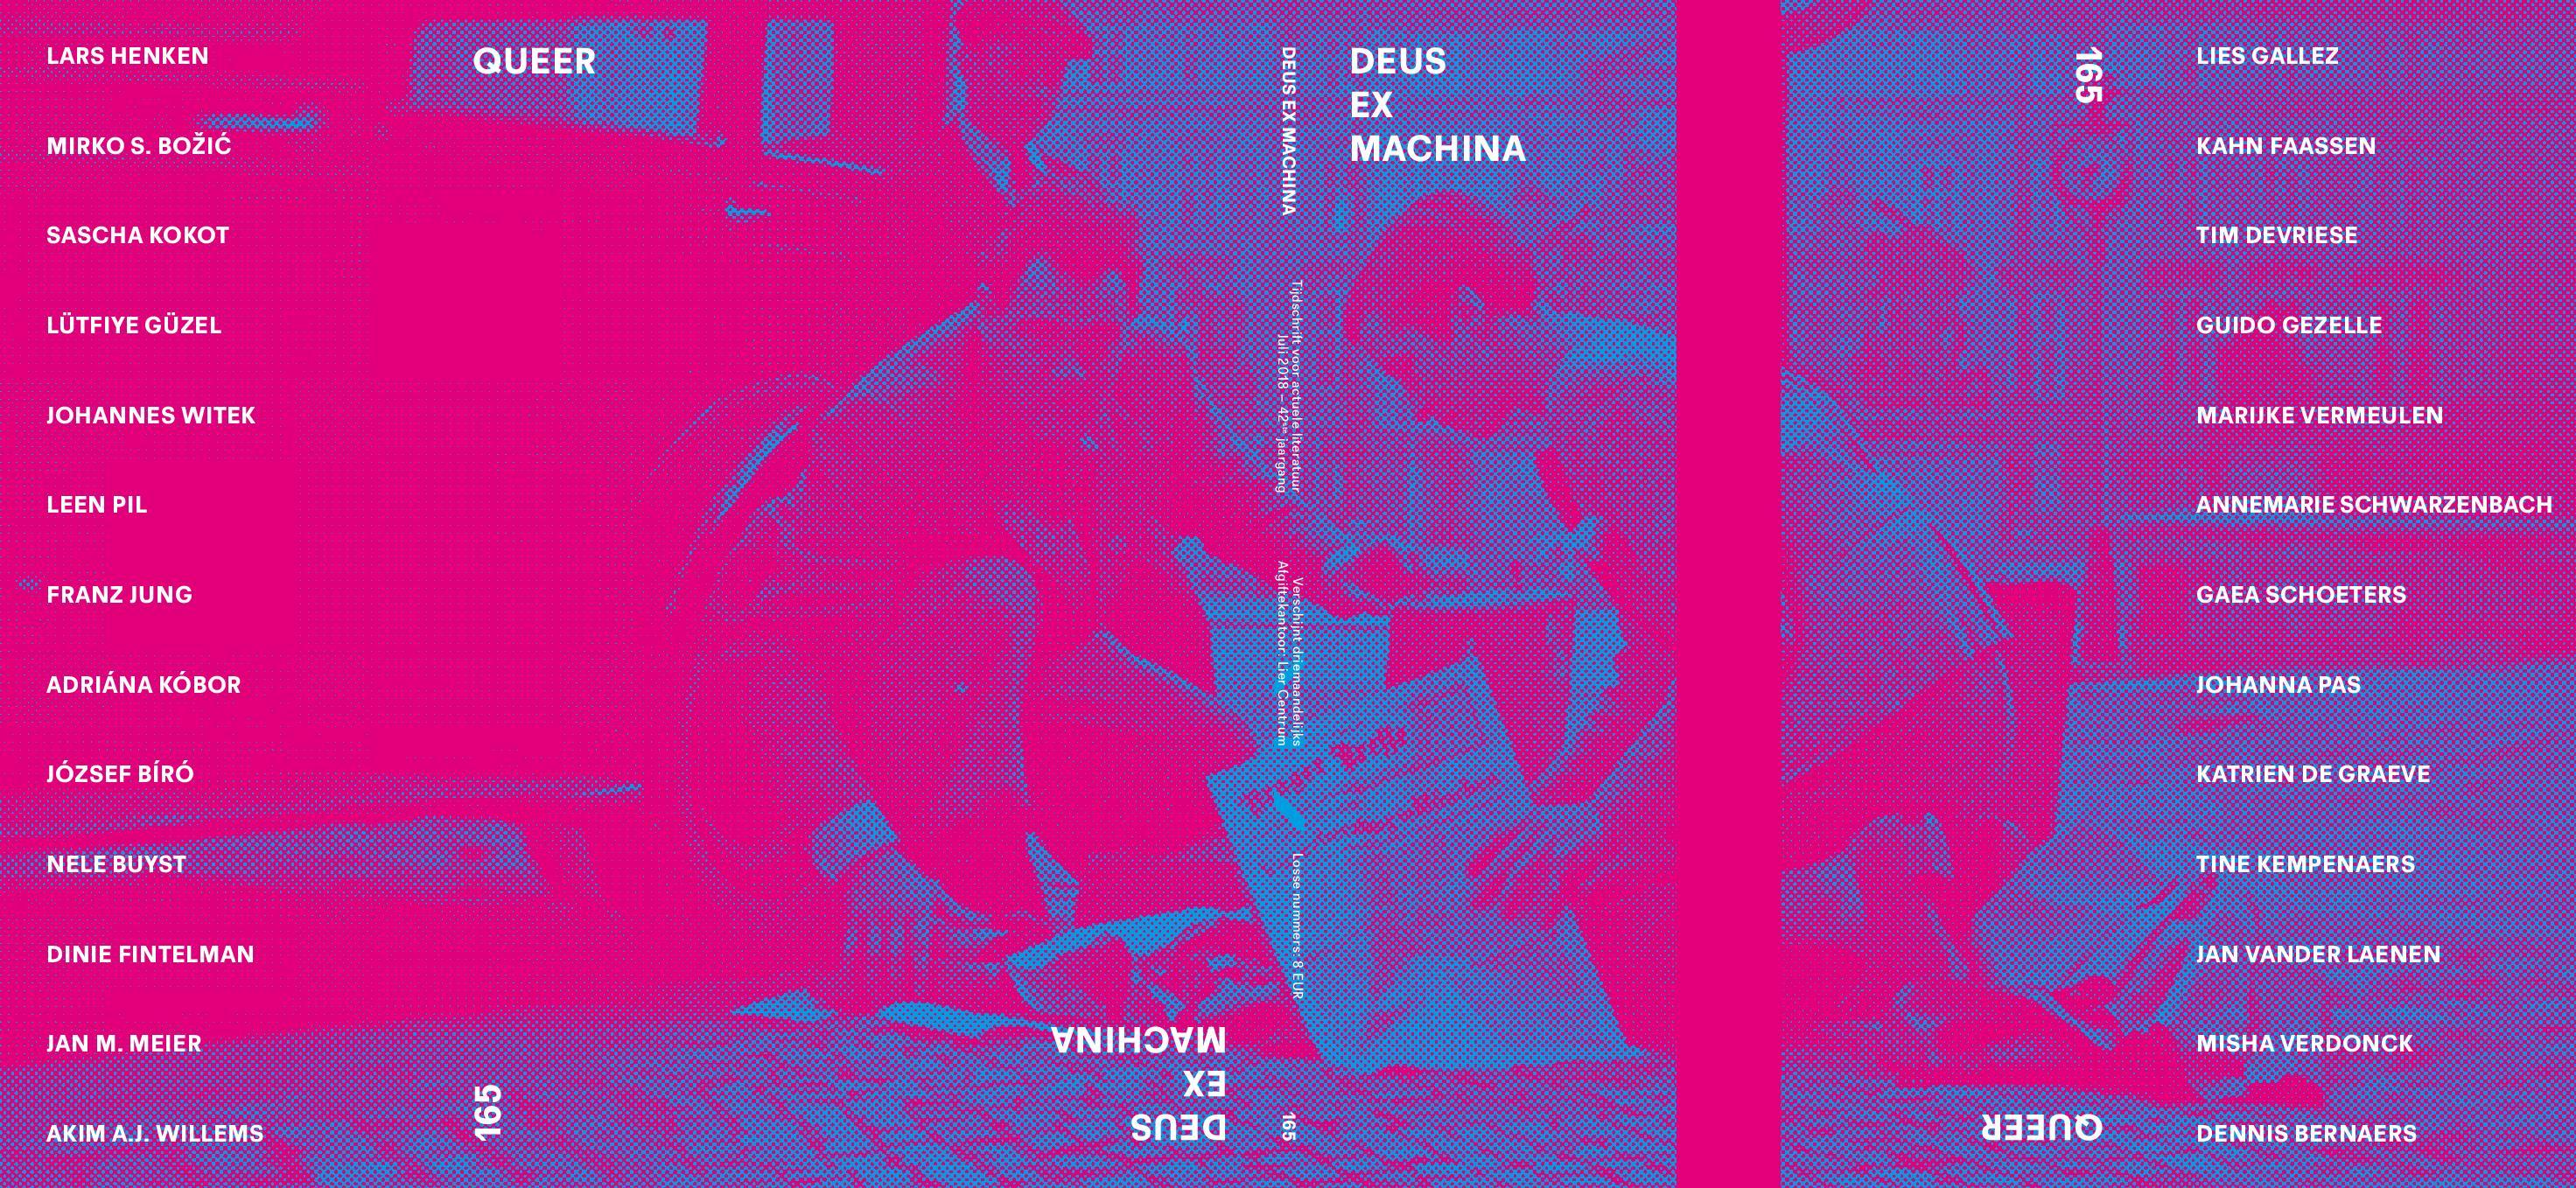 DEUS EX MACHINA NR 165 : QUEER + Minifocus op TAU